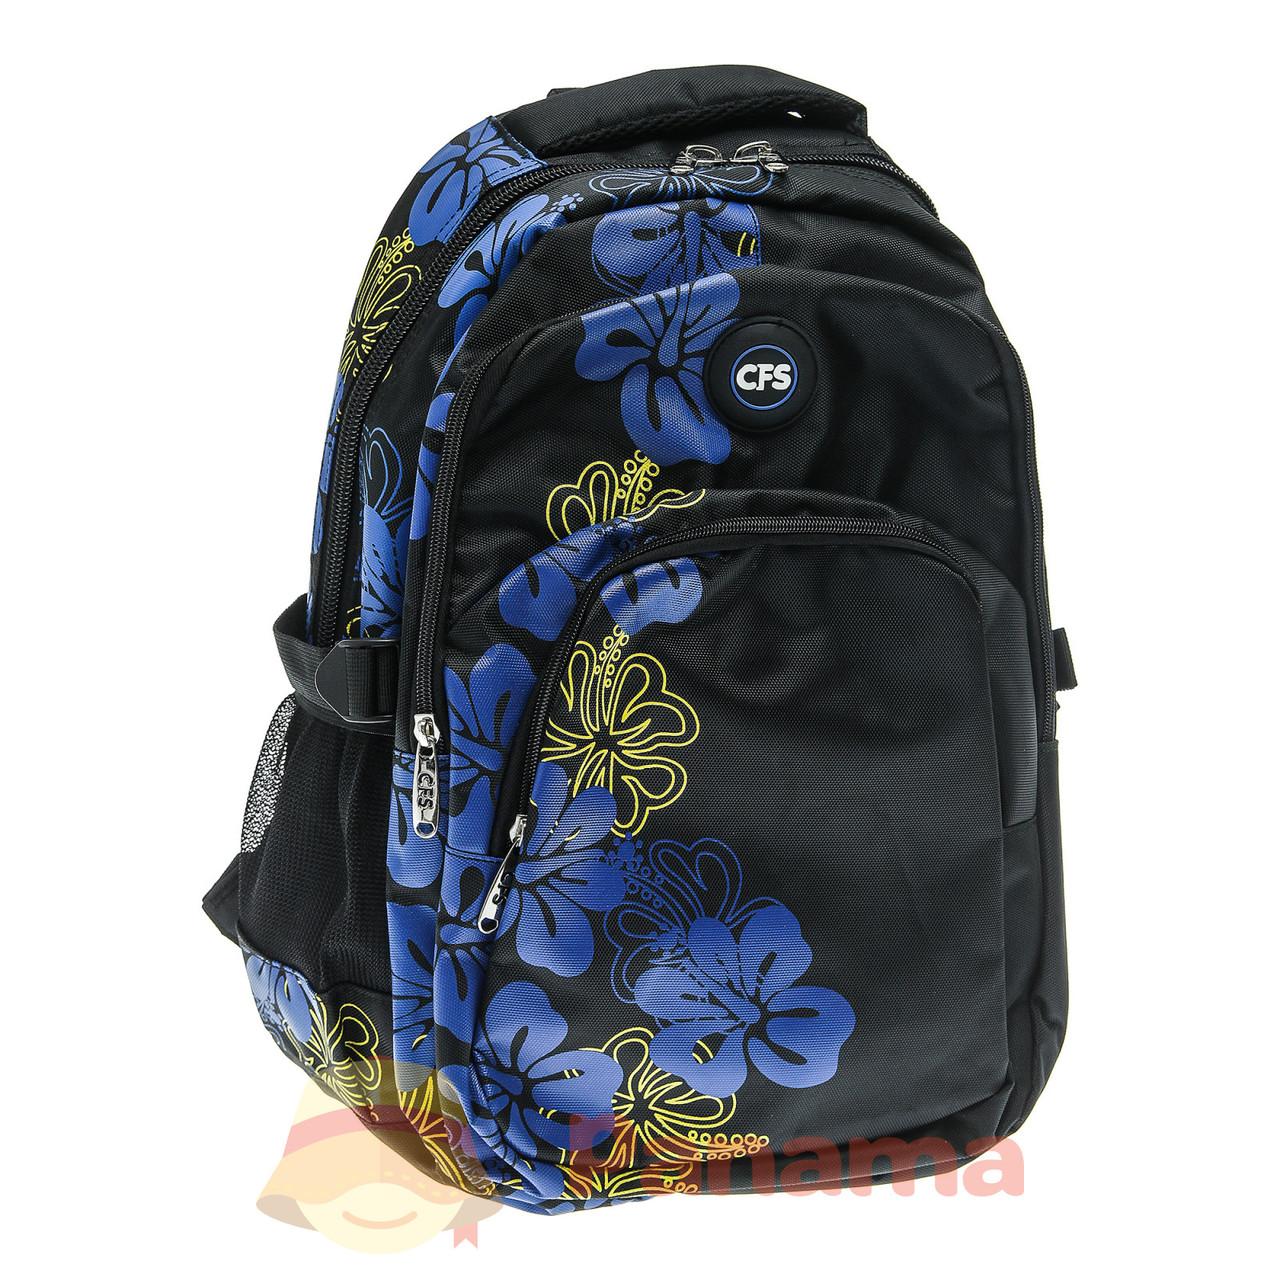 """Городской школьный рюкзак с яркой вставкой на фасаде CFS 16"""", """"Mallows"""" (CF85289)"""